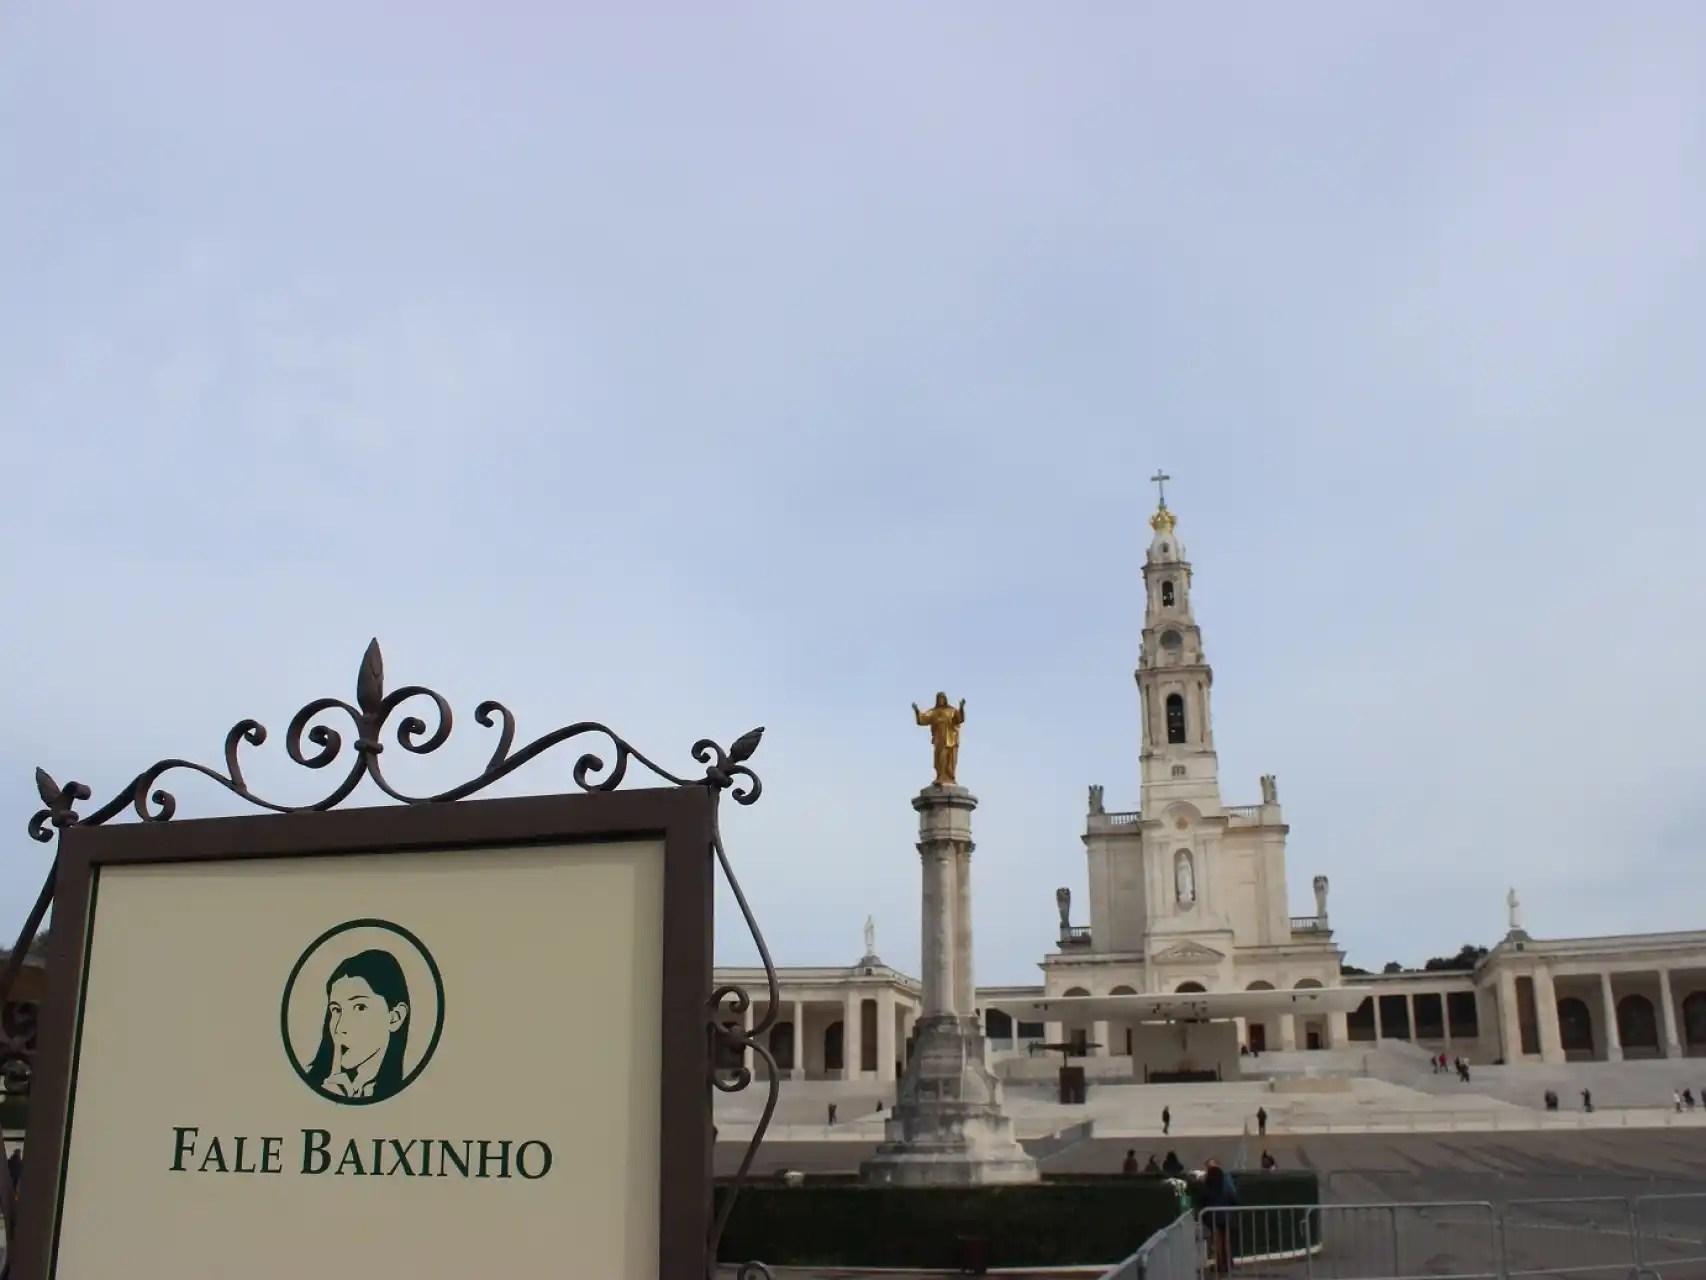 Los carteles piden que los peregrinos hablen bajito, porque el santuario es lugar de oración